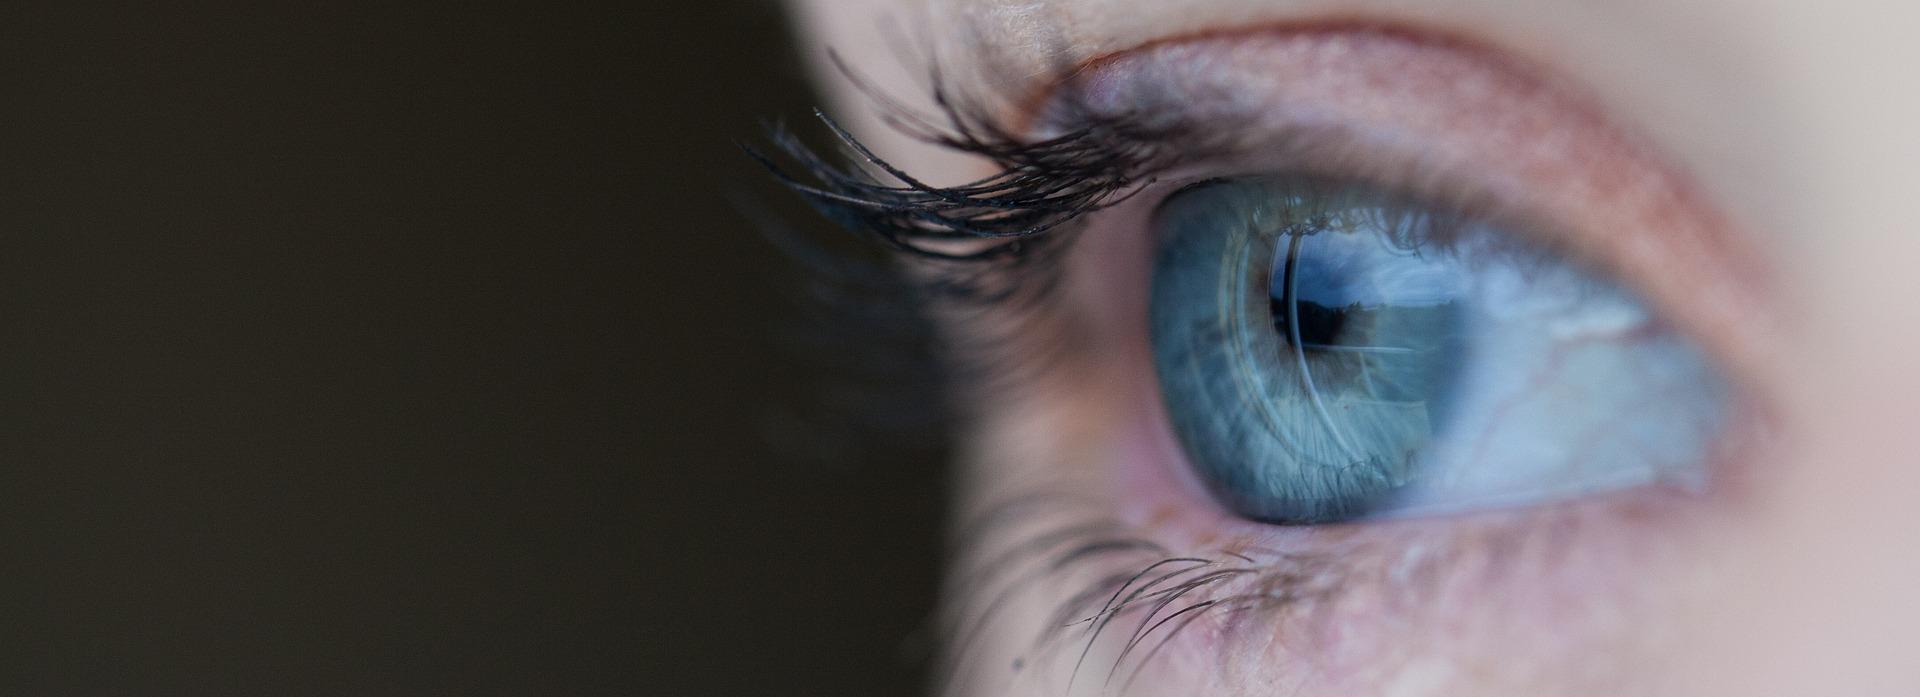 ¿Qué son las migrañas oculares y cuáles son sus síntomas?